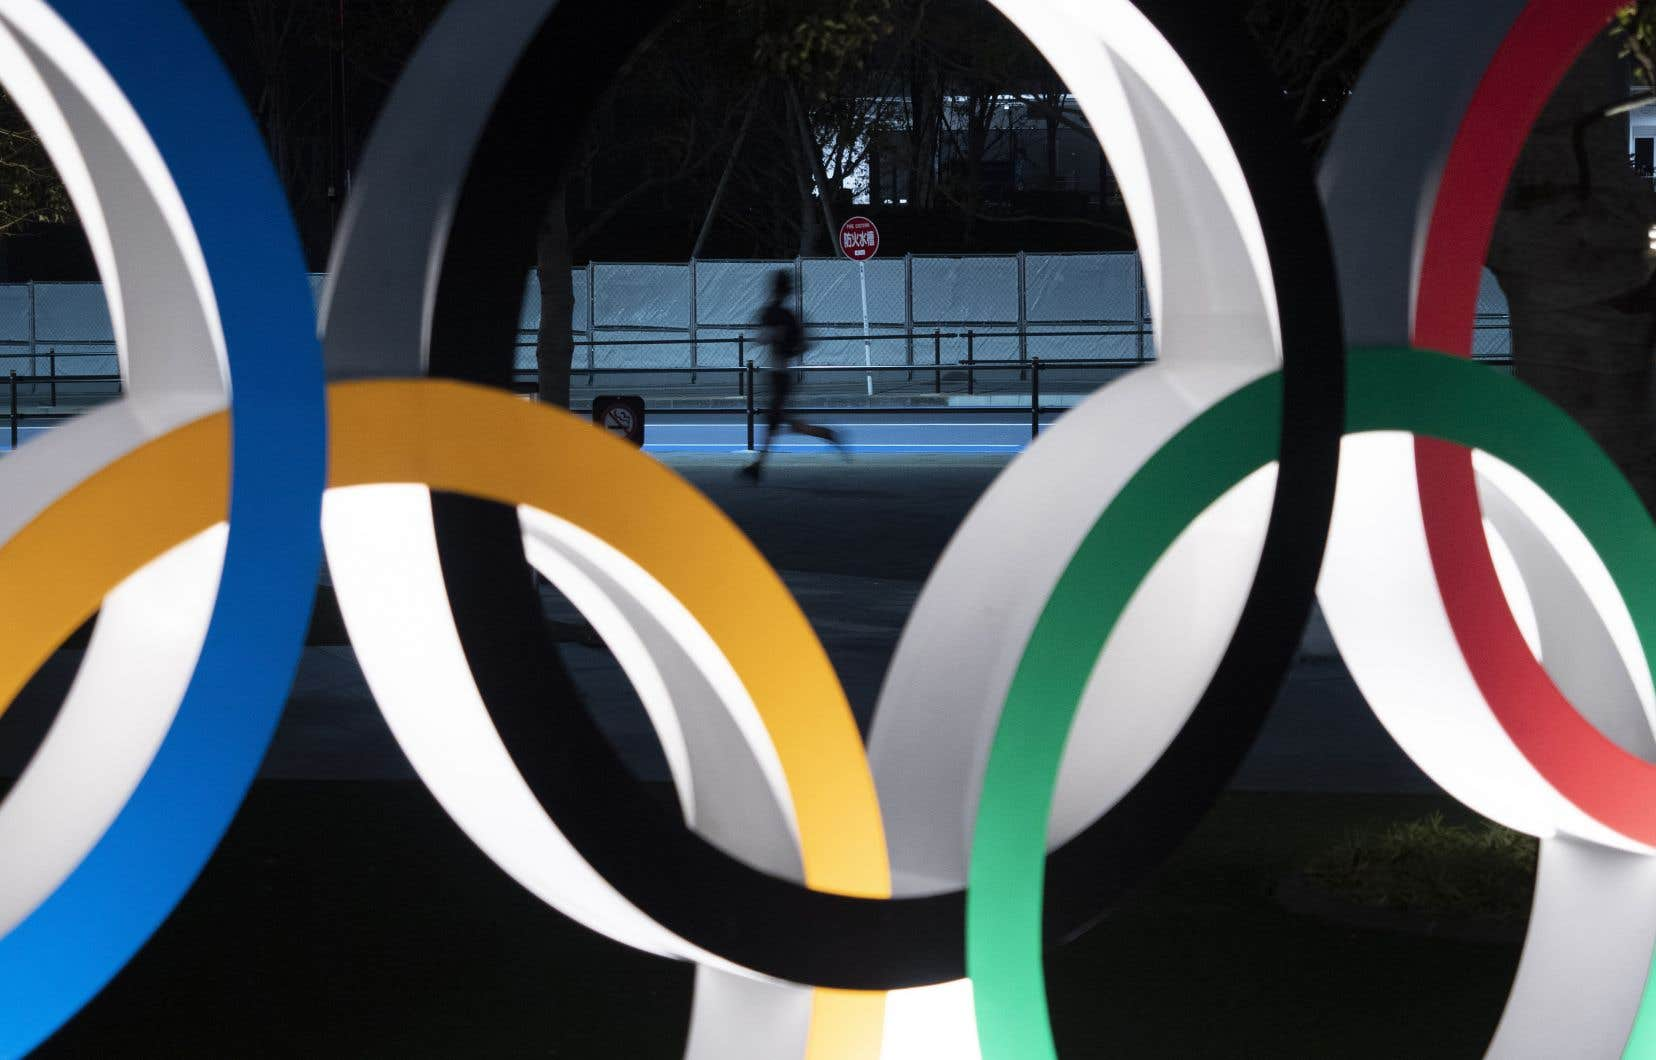 Certains abus dans le sport au Japon ont fait la une ces dernières années.